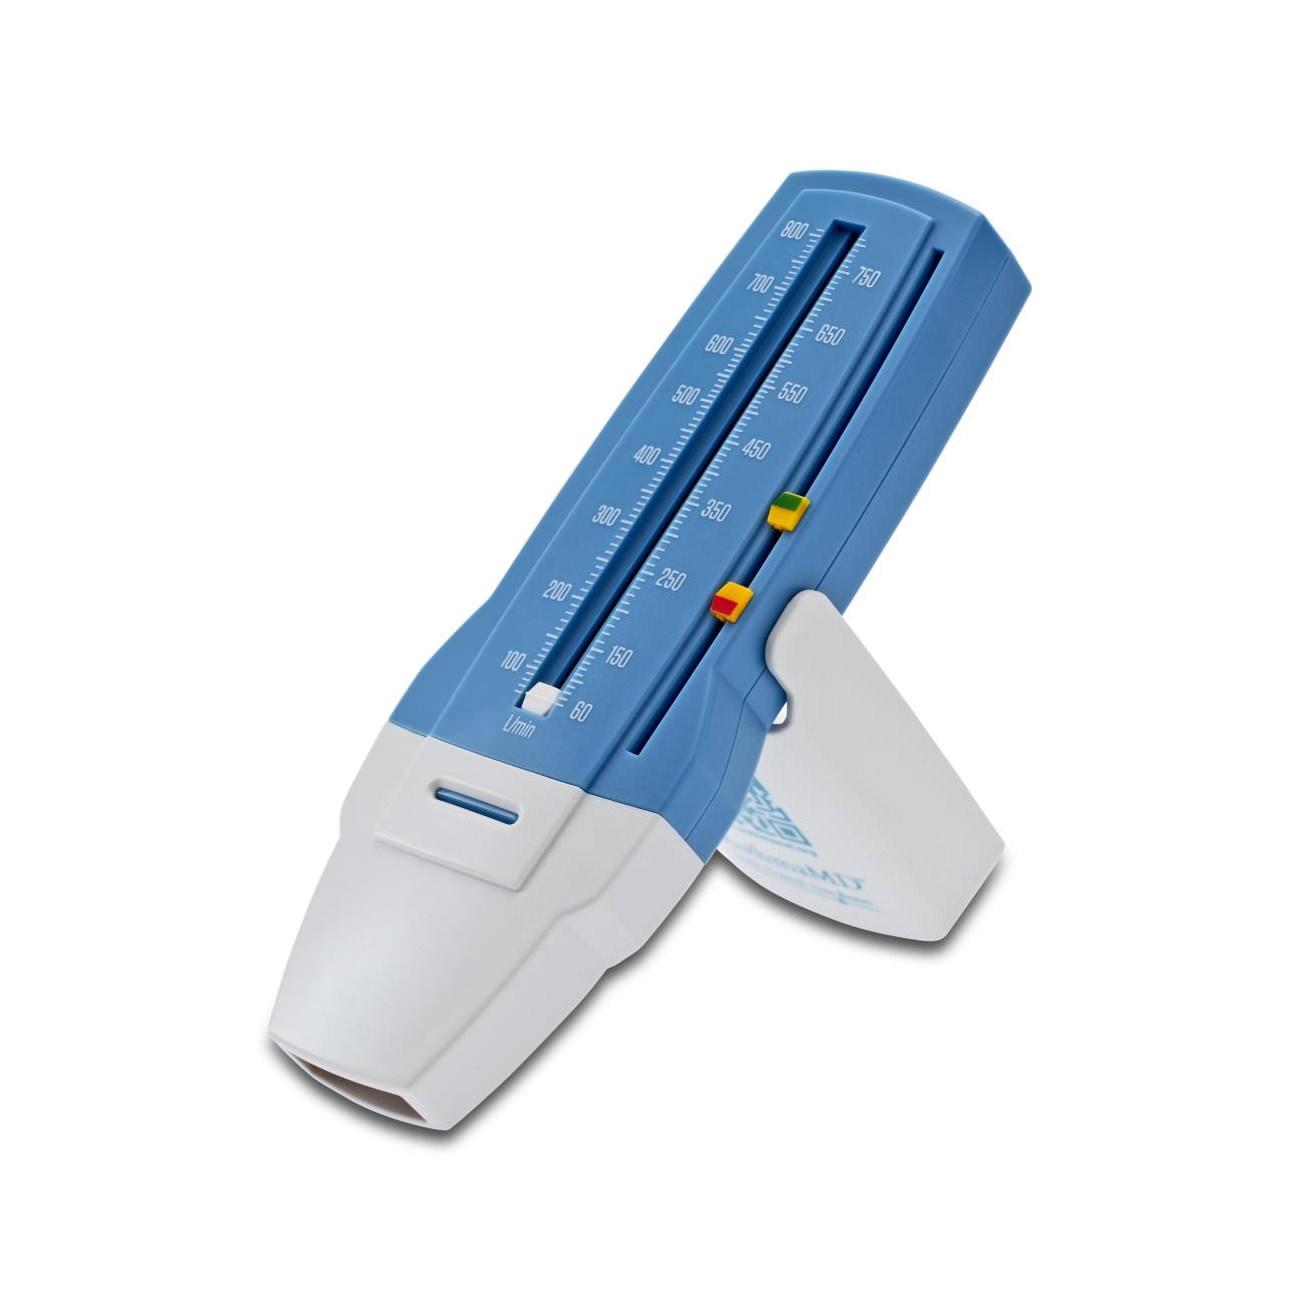 Teleflex AsthmaMD Peak Flow Meter